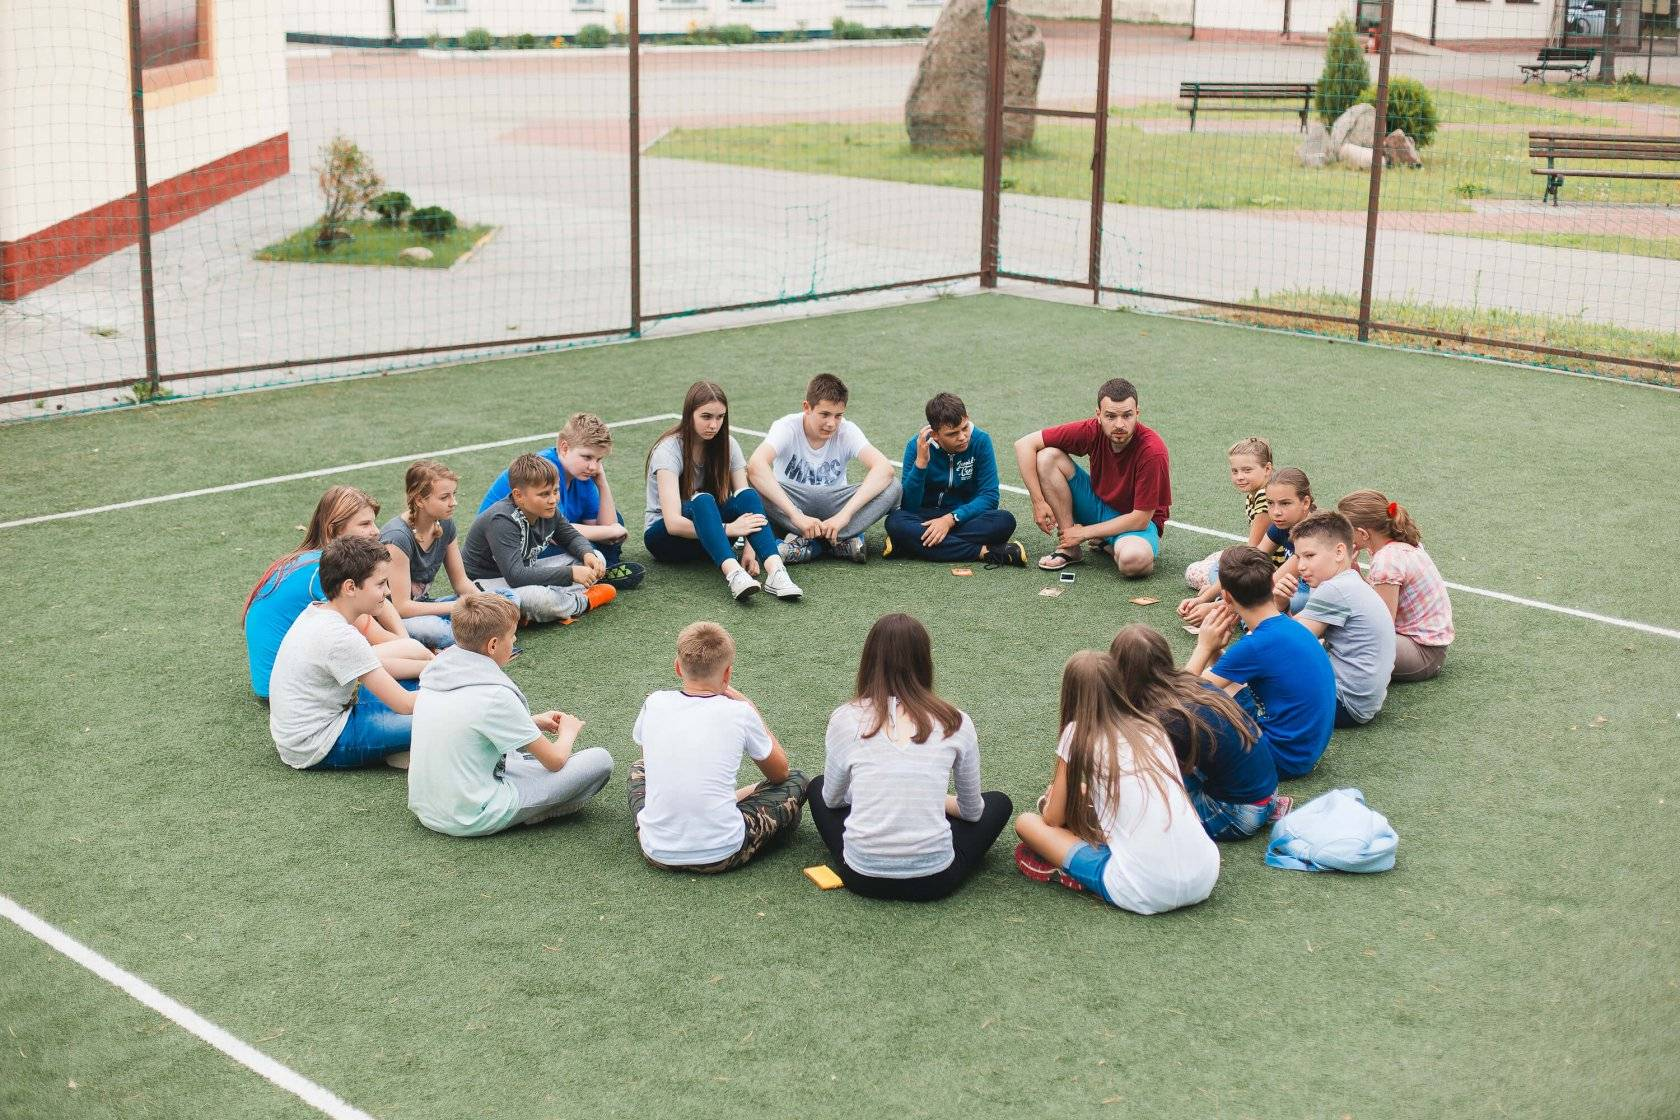 Весенние языковые лагеря для детей в великобритании ️ 2021 - купить путевку, бронирование бесплатно